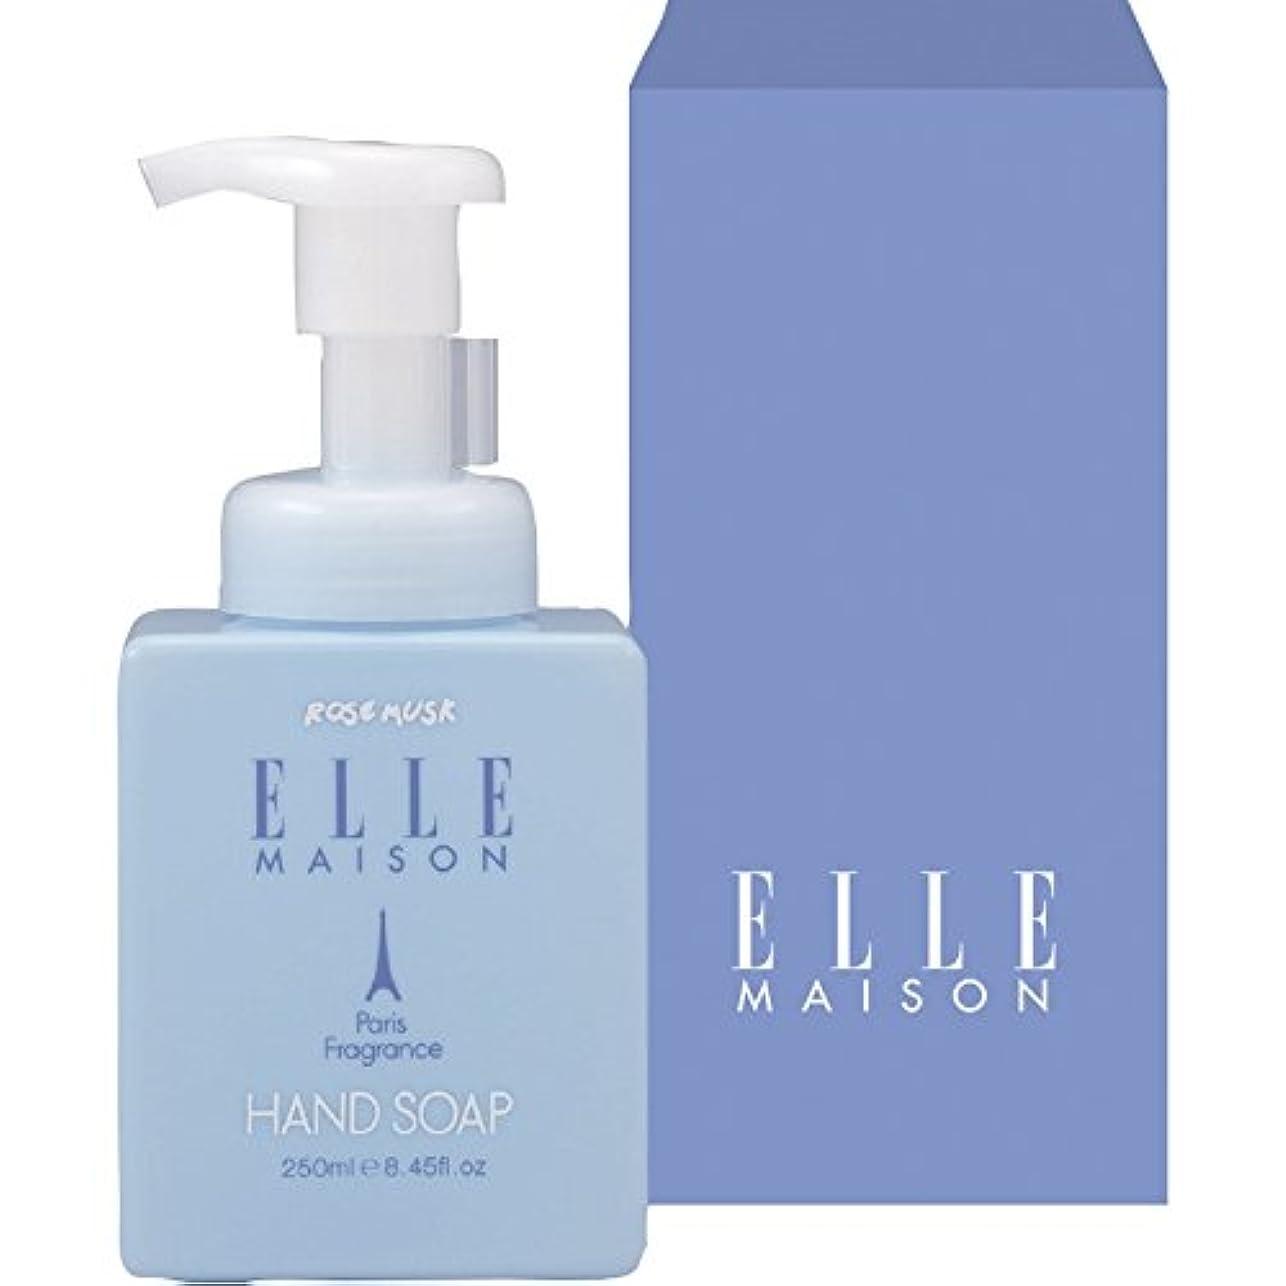 放射する部分的に浴室ELLE MAISON 泡で出る薬用ハンドソープ 【こども 手洗い てあらい ボトル ポンプ 泡ででる あわ ワンプッシュ インフルエンザ予防 ウイルス除去 化粧箱入り いい匂い 香り付き 460】